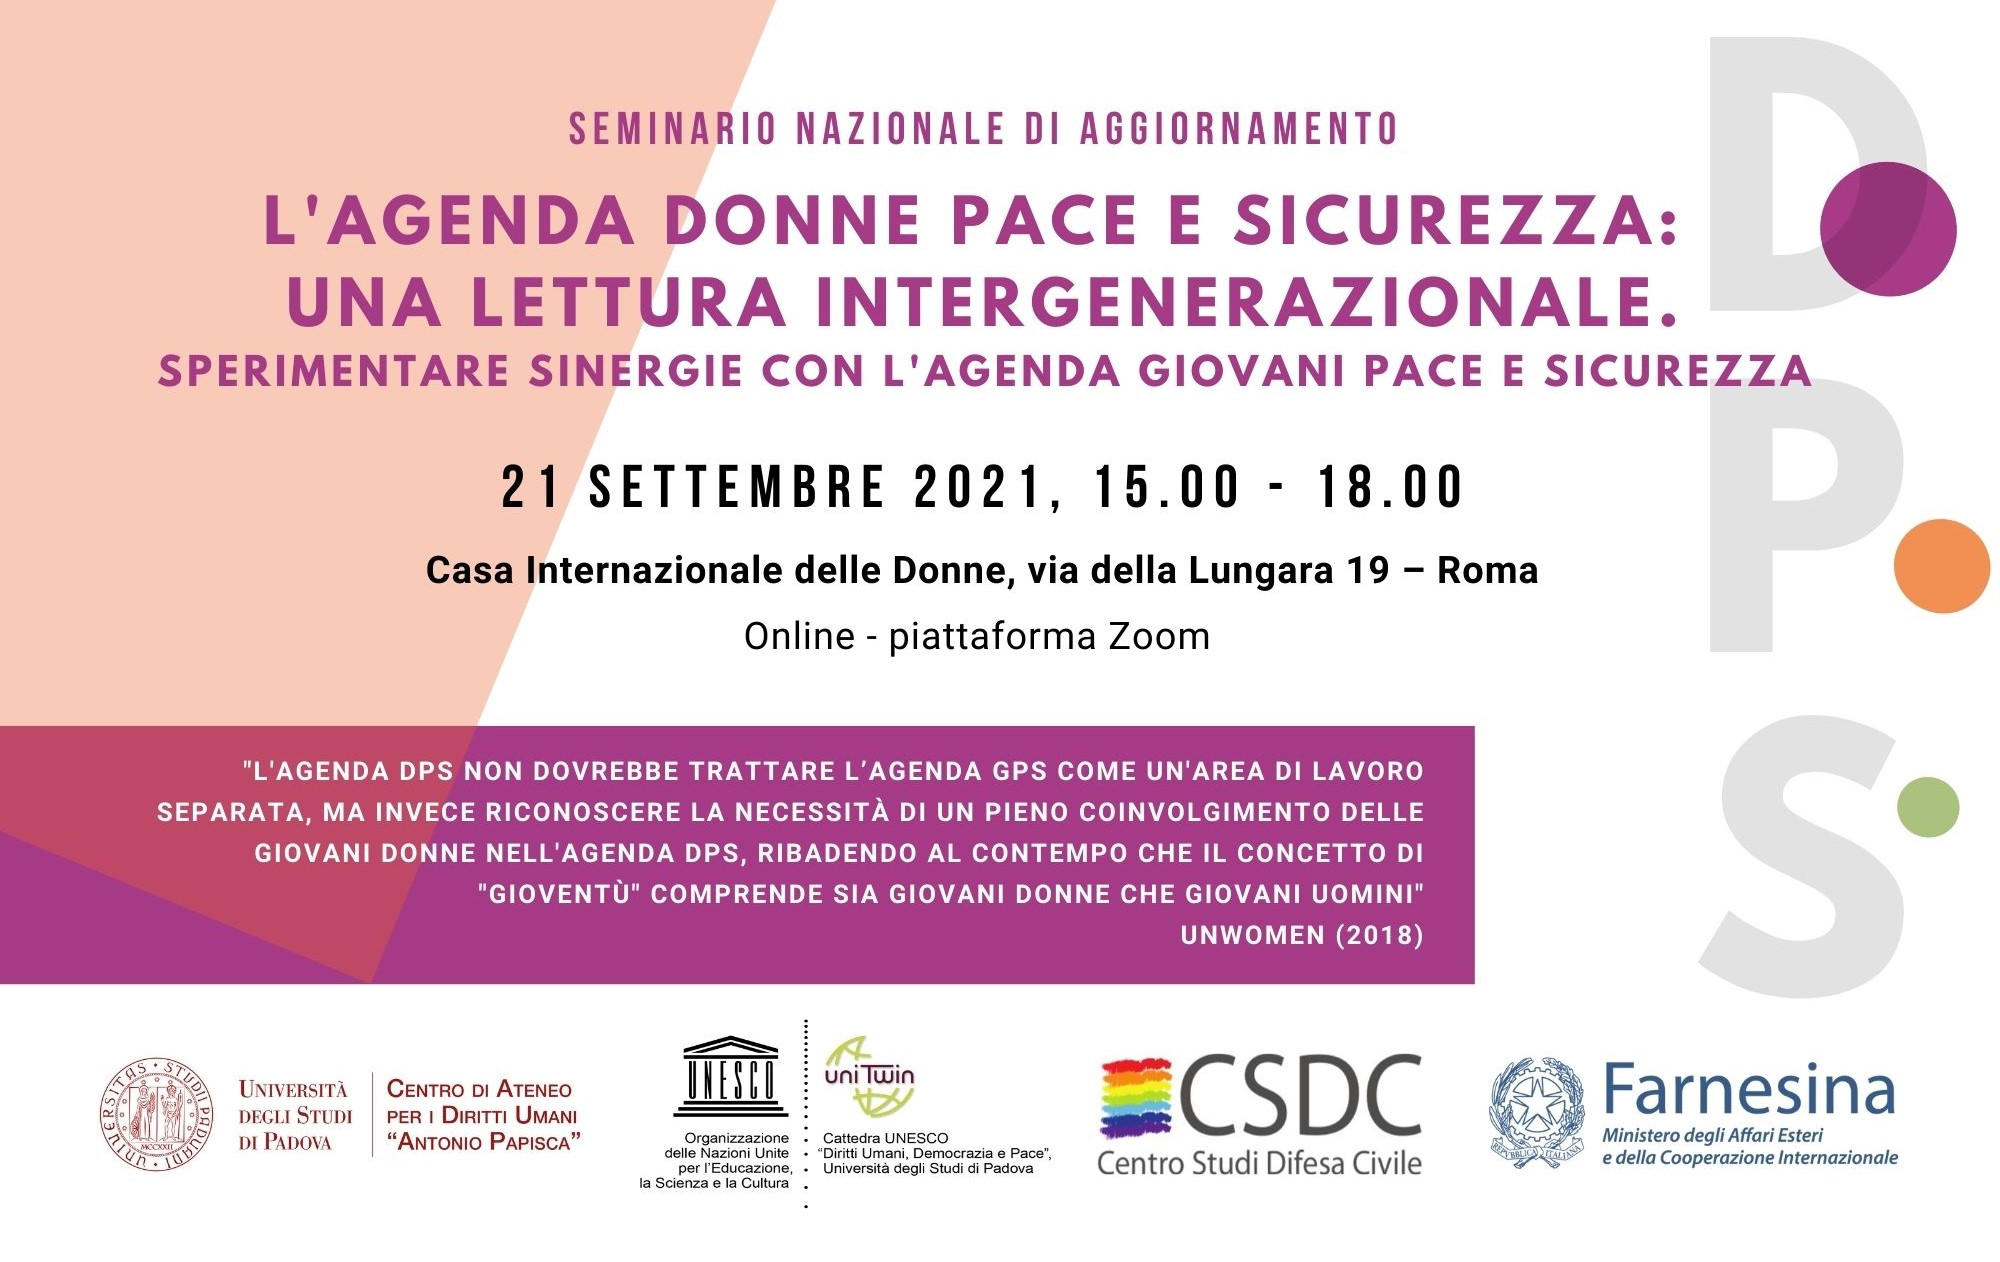 """Copertina - seminario """"L'agenda DPS: una lettura intergenerazionale"""", 21.09.21, CID, Roma"""